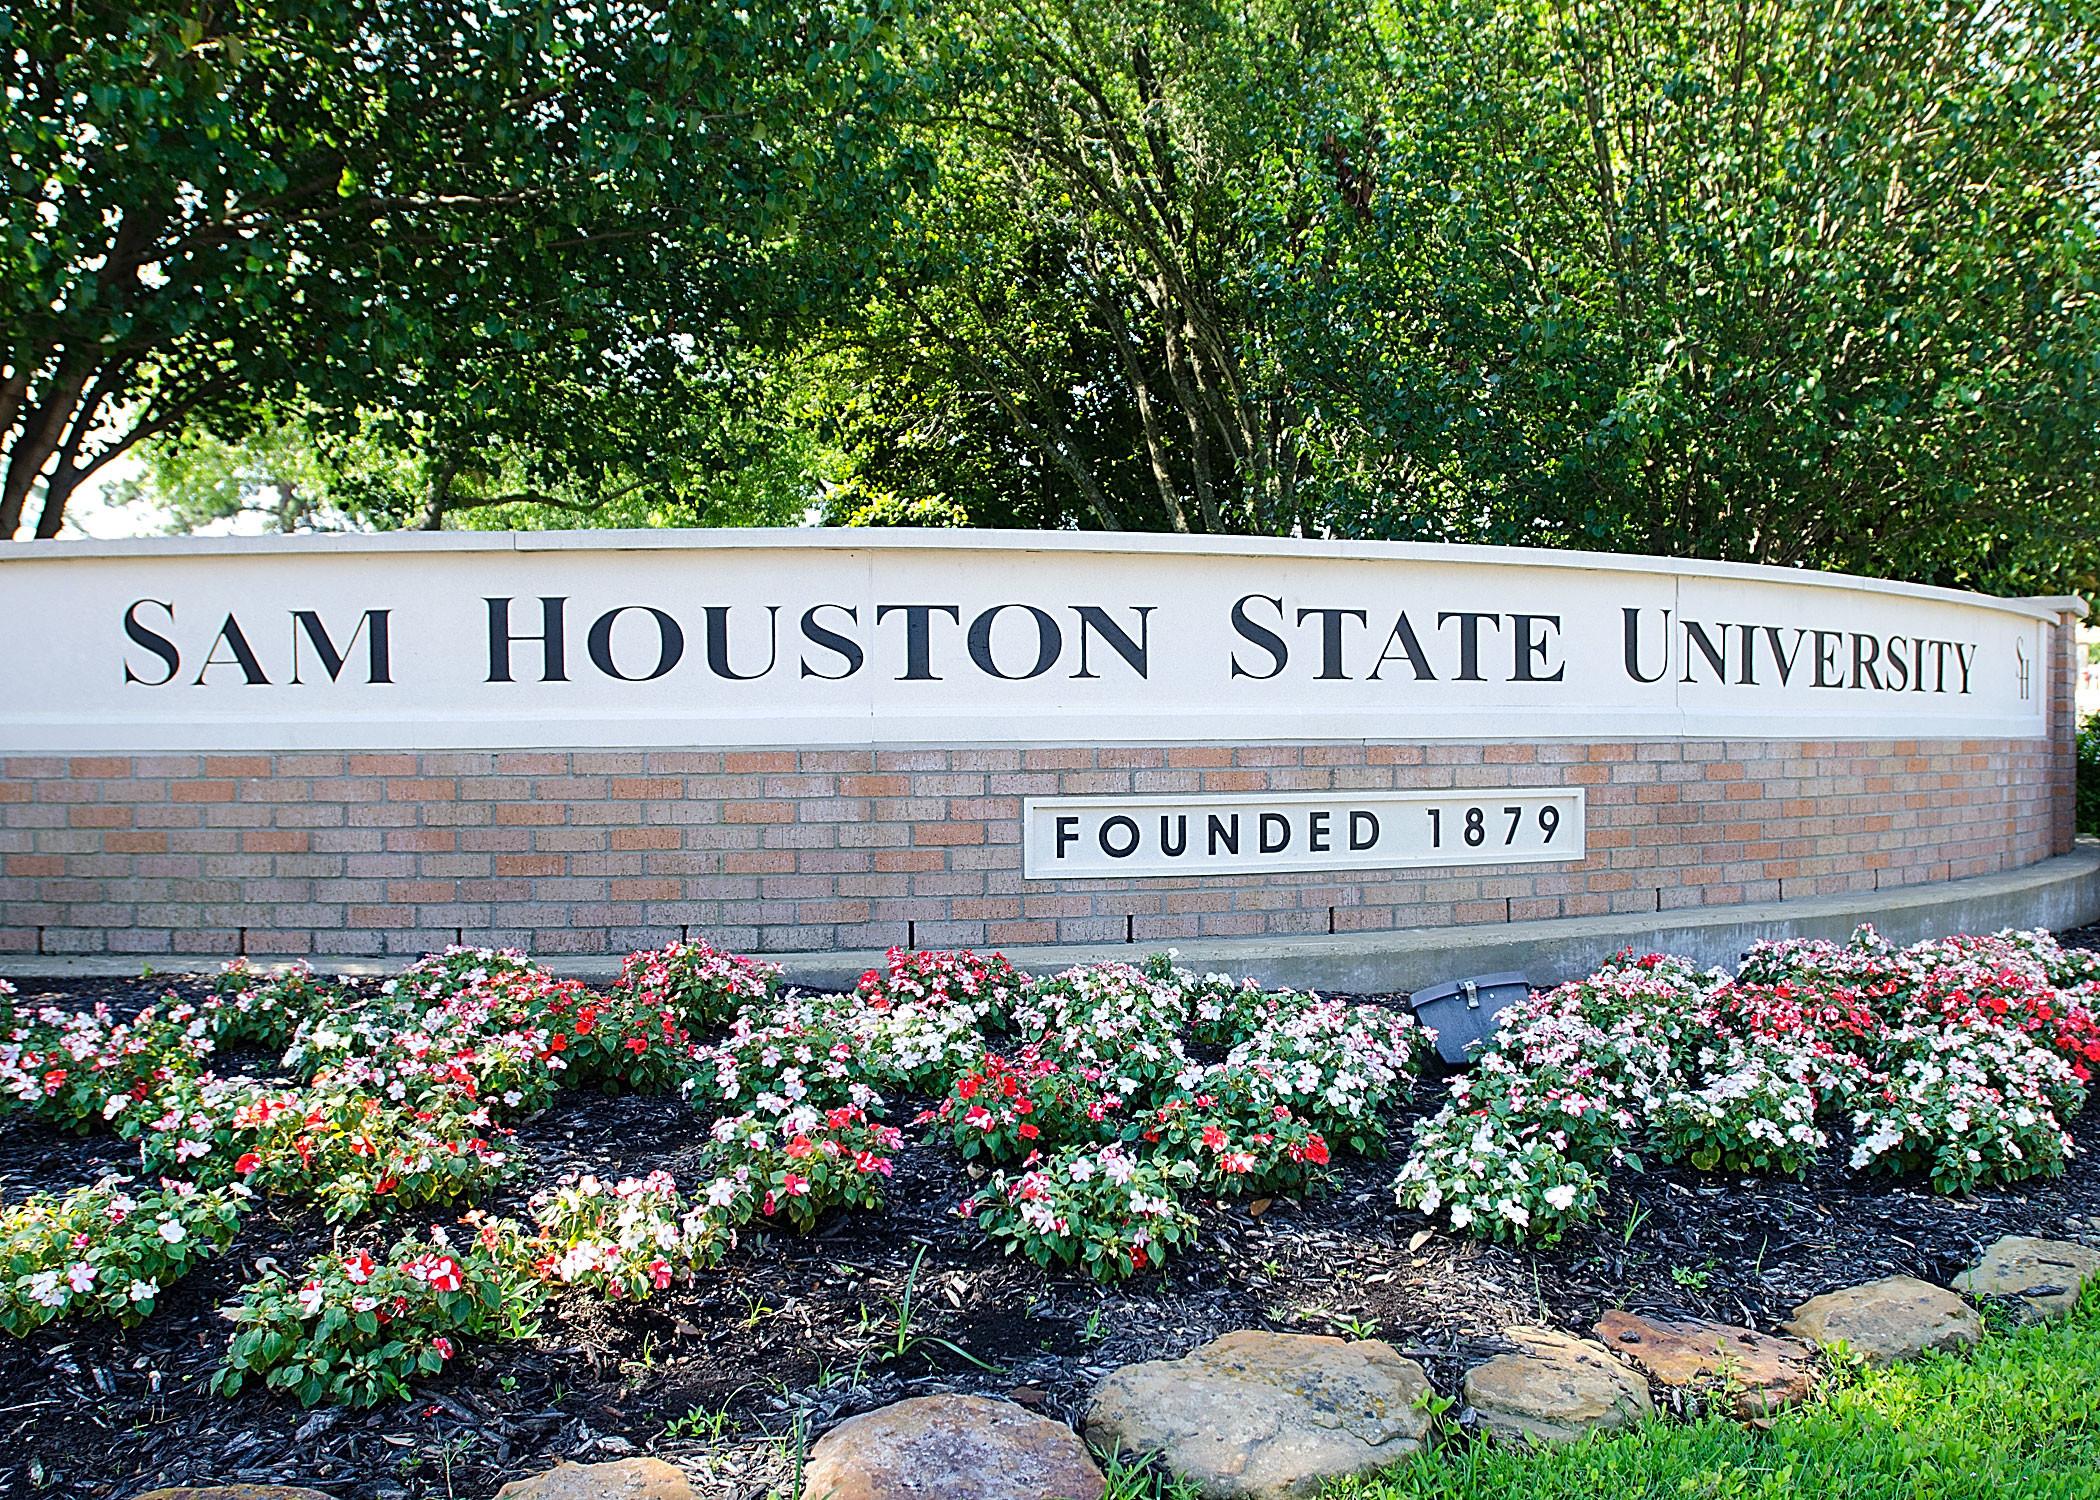 Bảng tên trường Sam Houston State University